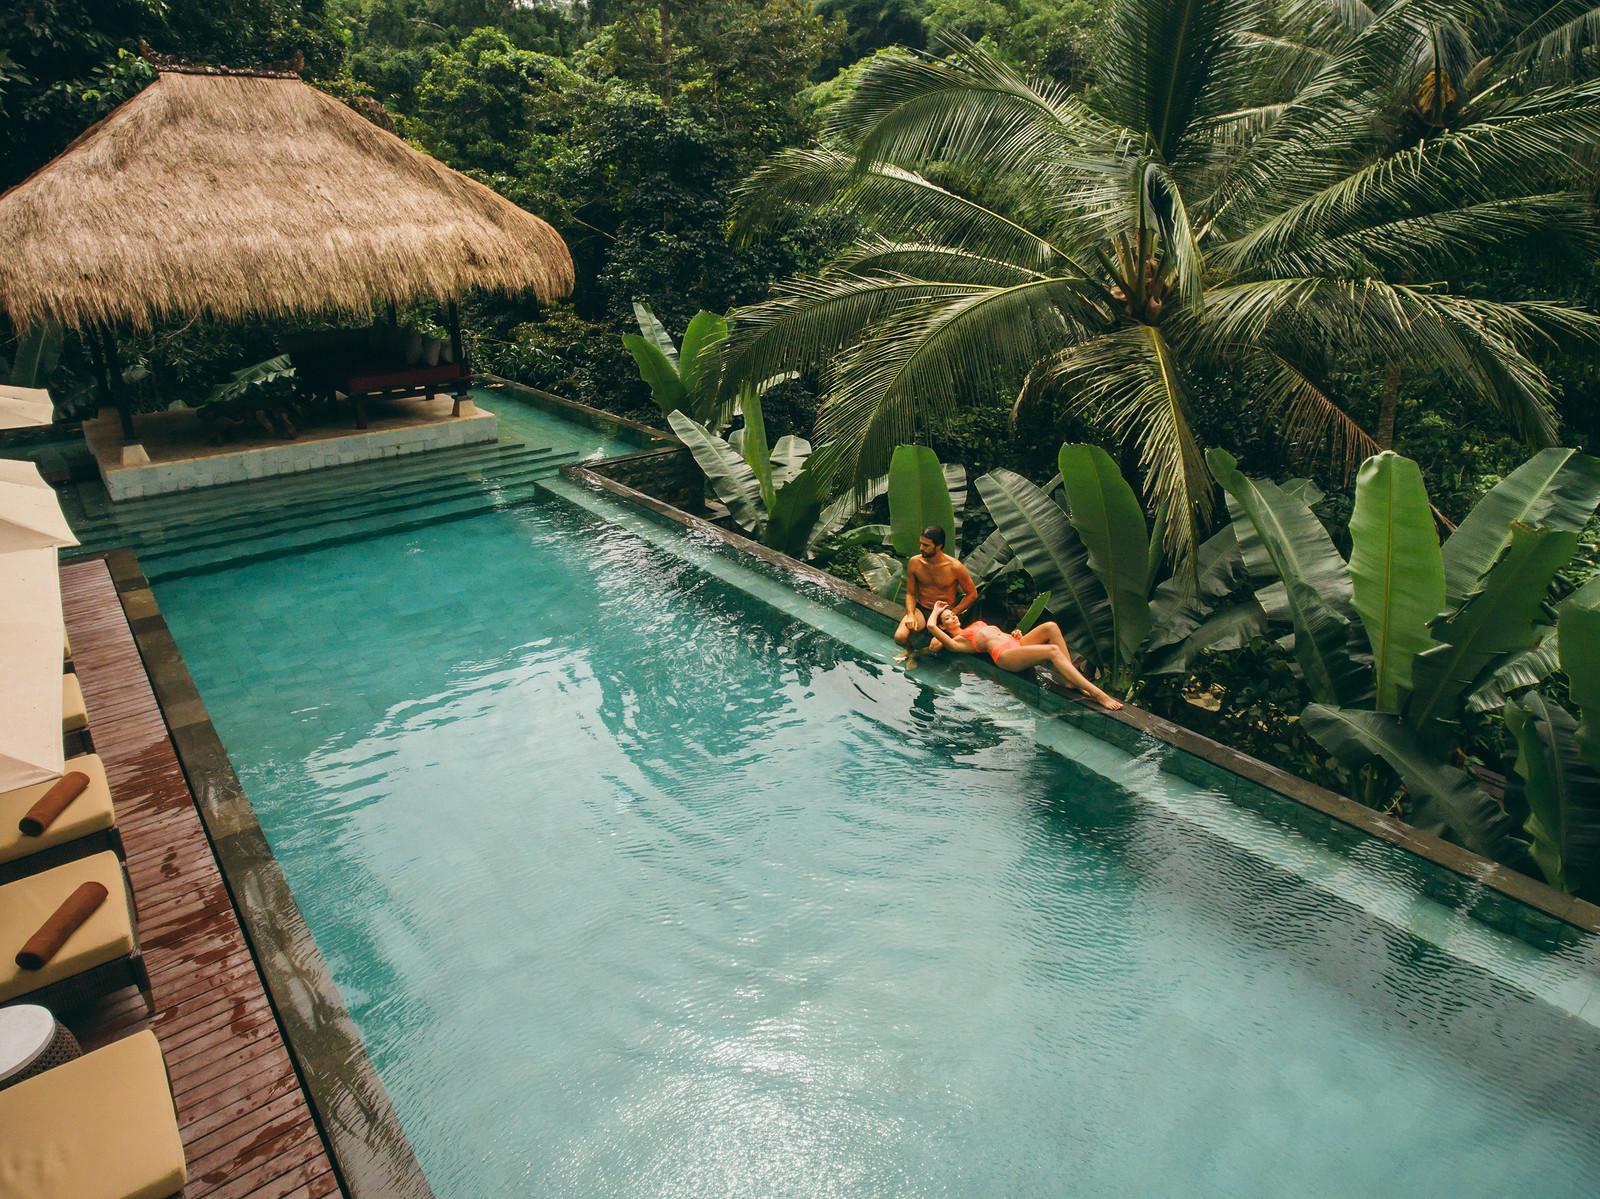 Lüks balayı tatili için Hanging Gardens of Bali